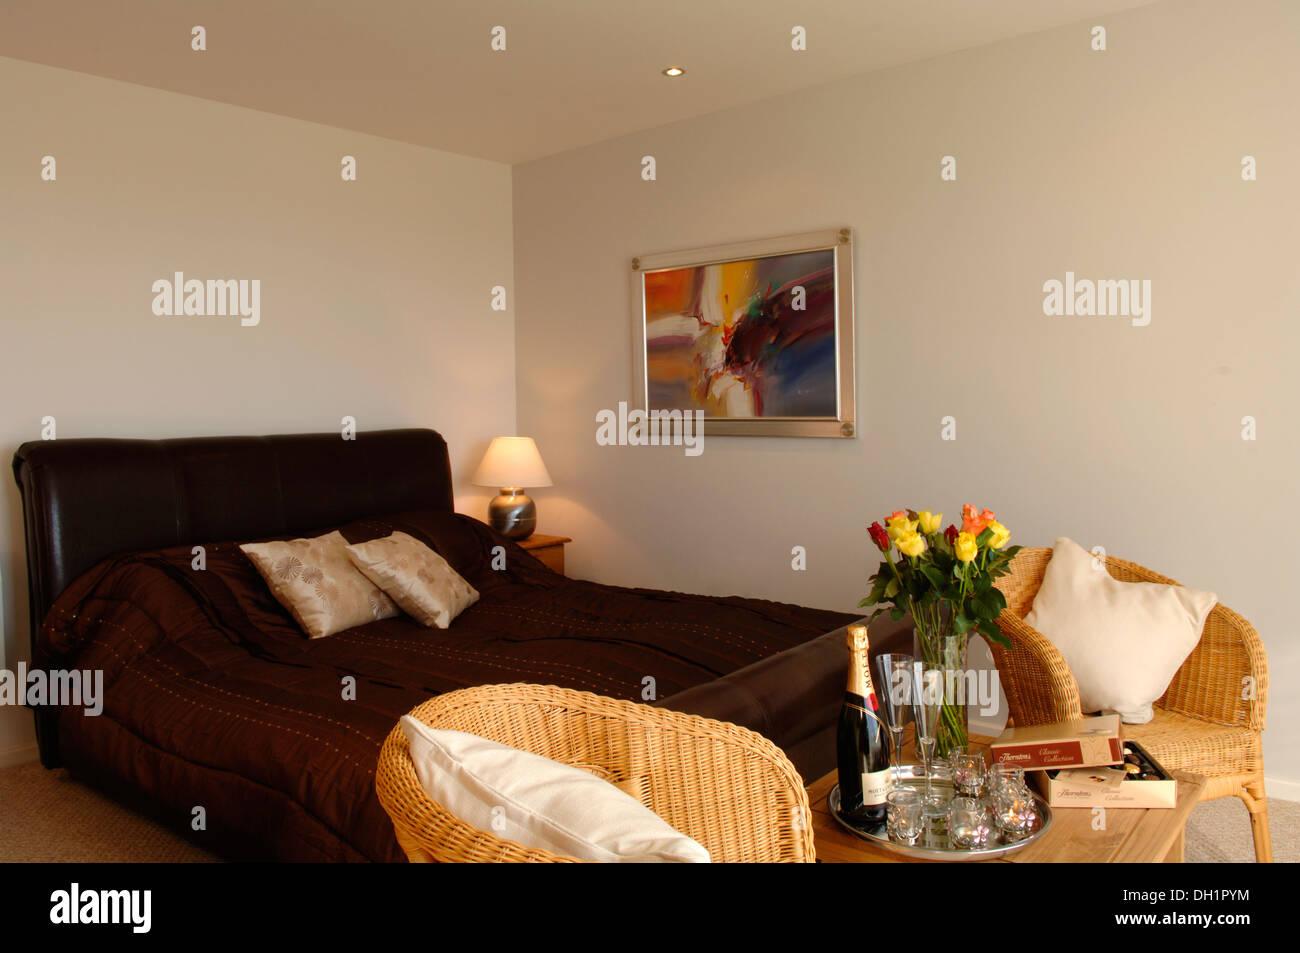 Camera Da Letto Color Champagne : Romantica camera da letto scena con due bicchieri di champagne